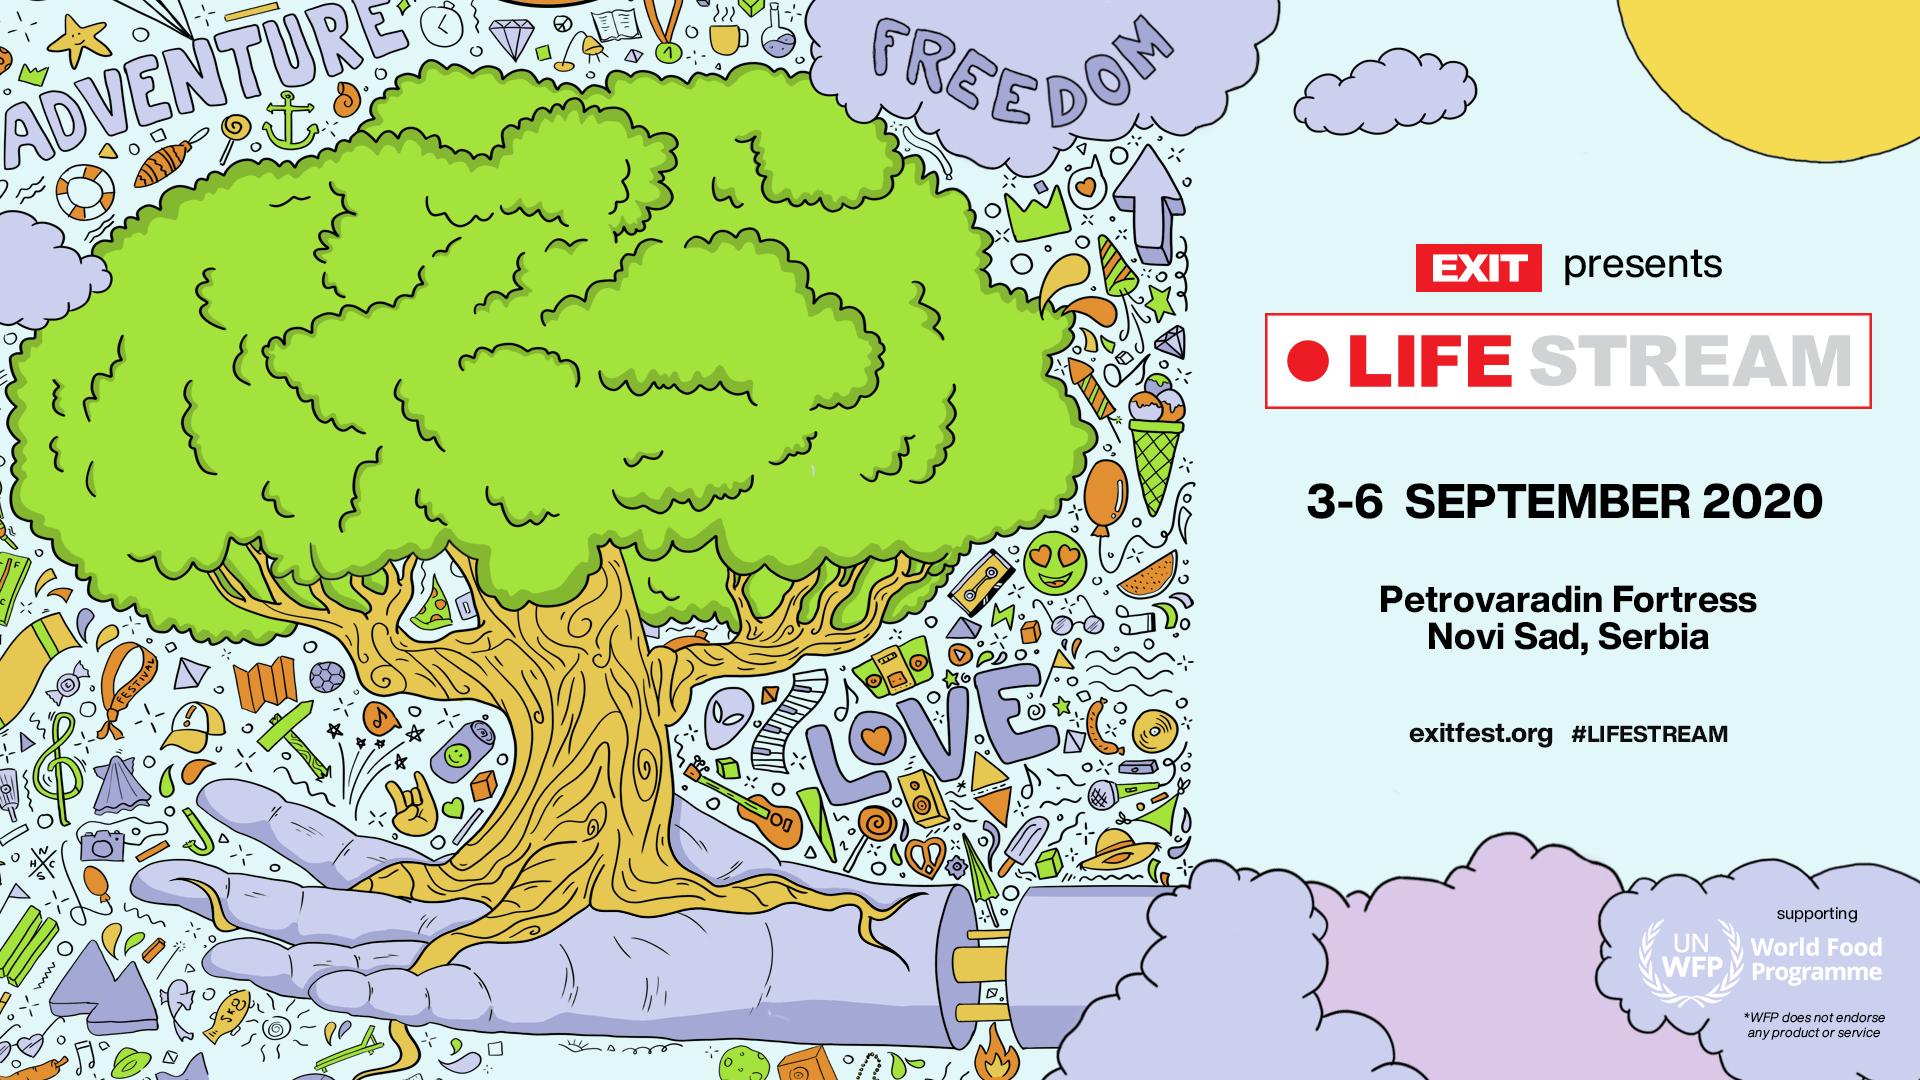 Насърчавайки подкрепа за онези, които са най-силно засегнати от пандемията, EXIT фестивал застава зад Световната хранителна програма на ООН чрез проекта Life Stream